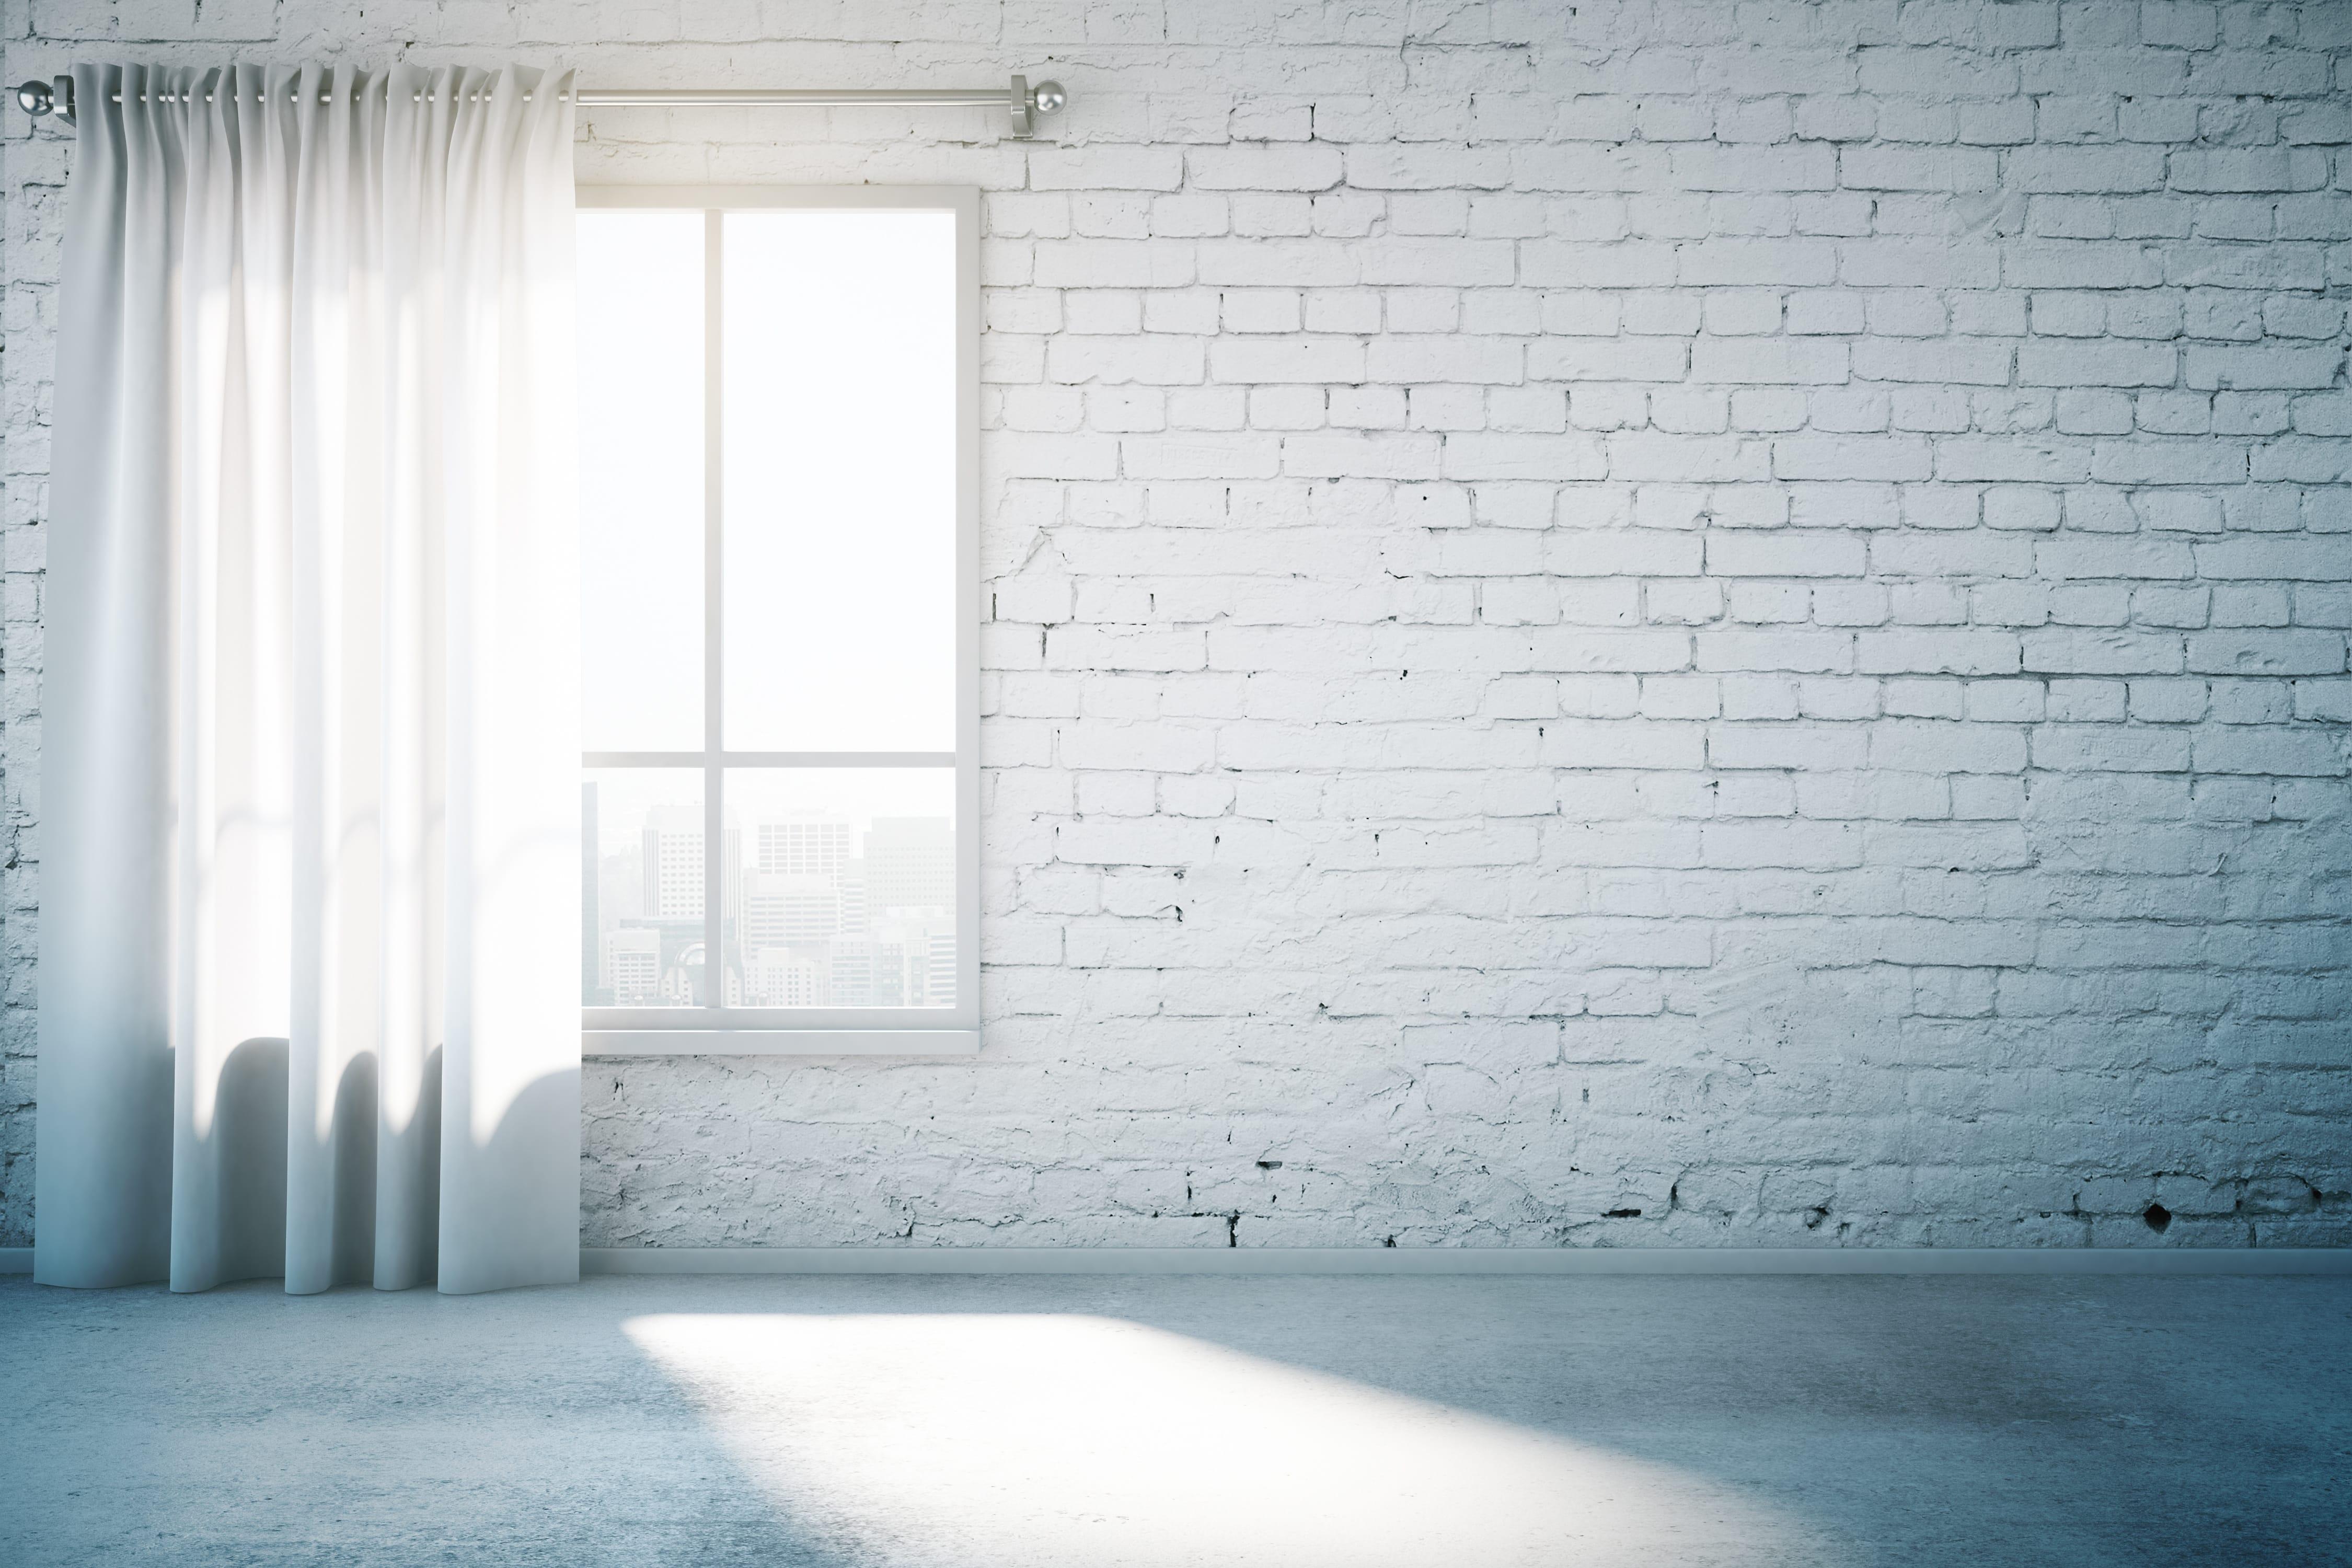 gardinen online kaufen 2 onlineshops vorgestellt. Black Bedroom Furniture Sets. Home Design Ideas